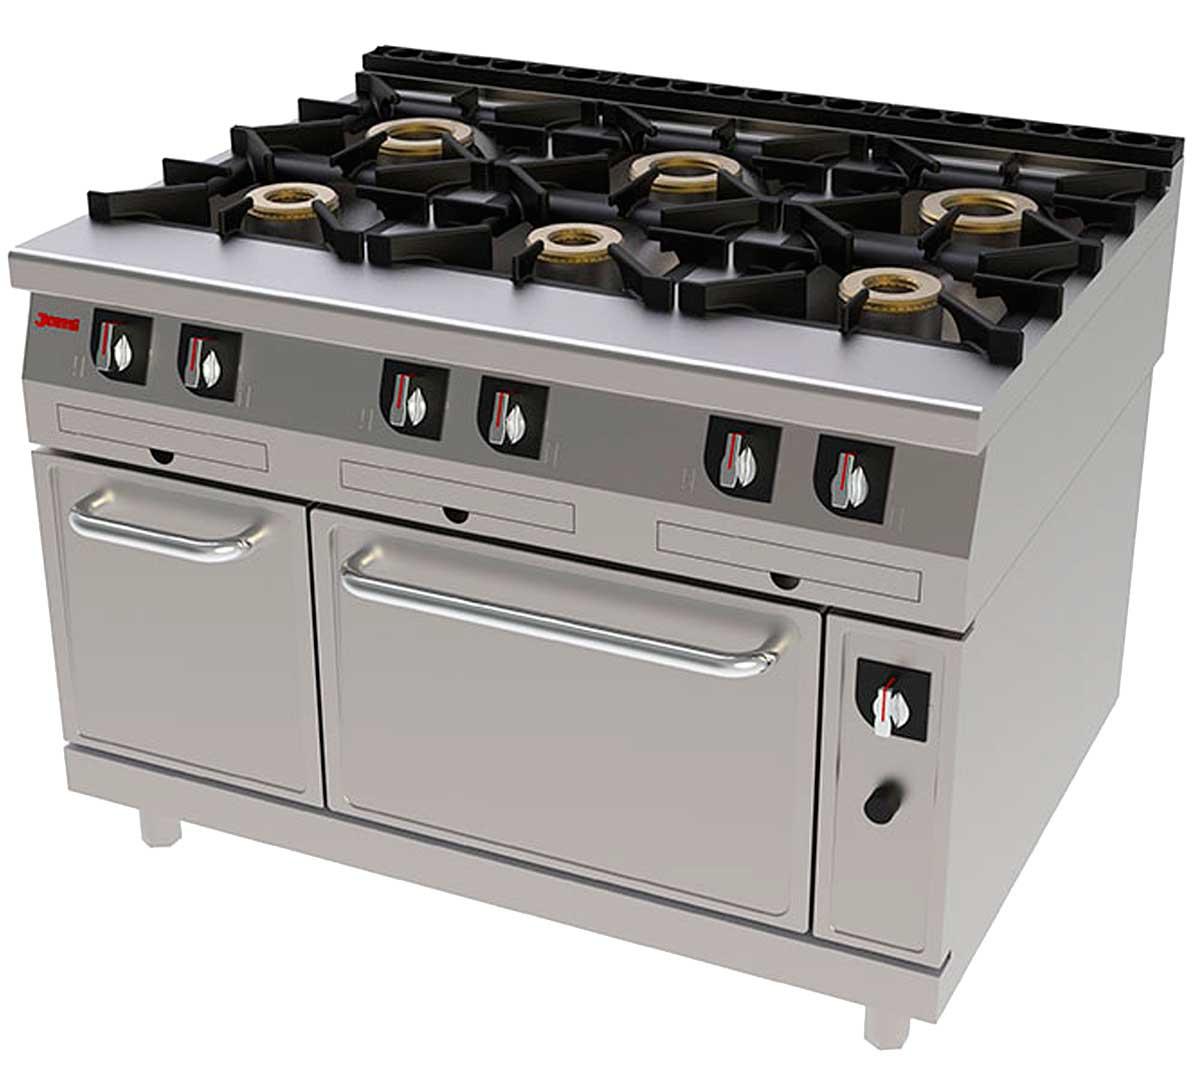 Cocina serie 900 gas horno de jemi for Cocina y horno de gas